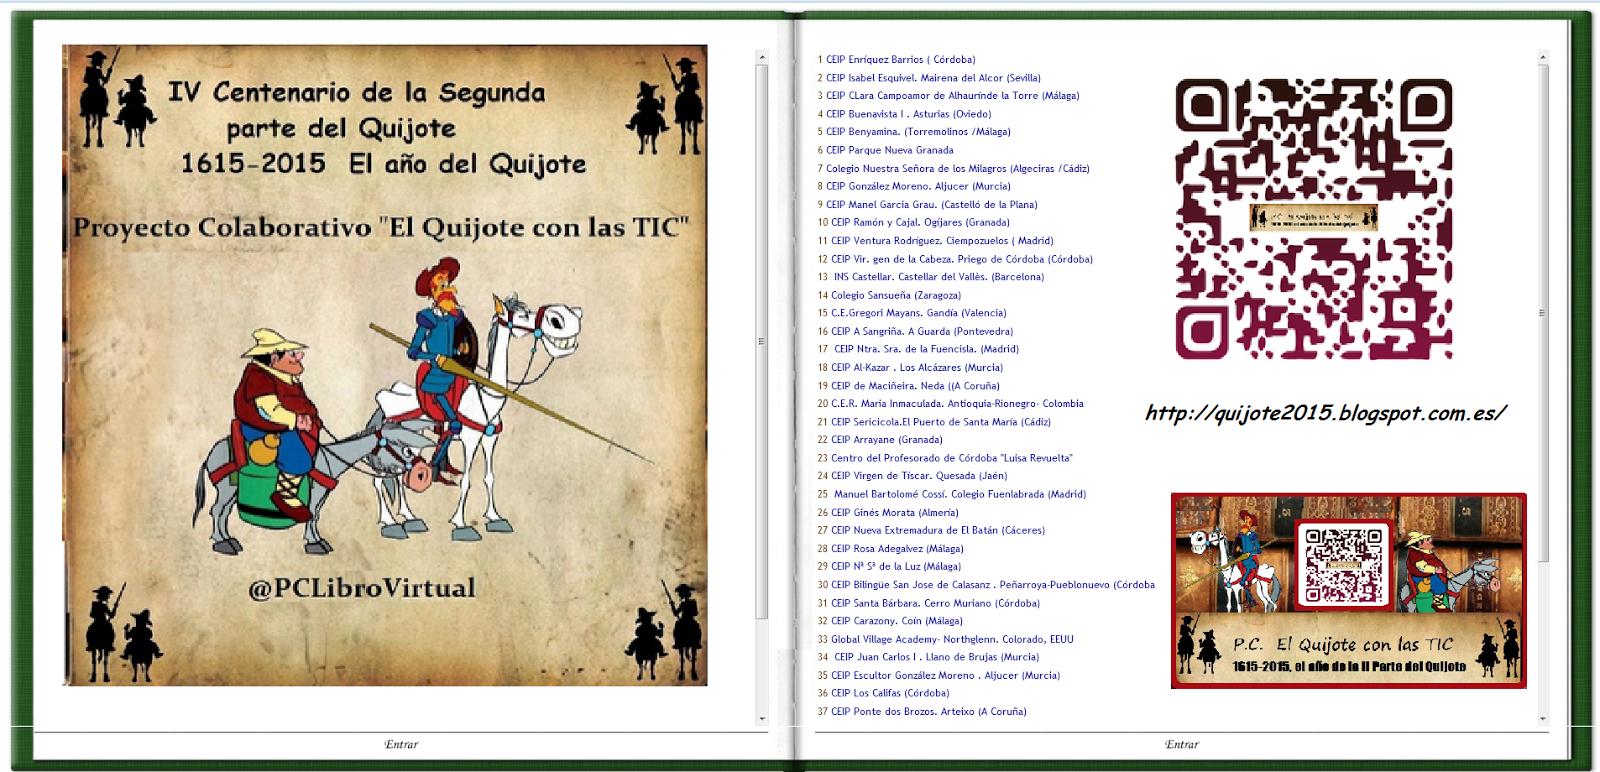 Proyecto Colaborativo El Quijote con las TICS